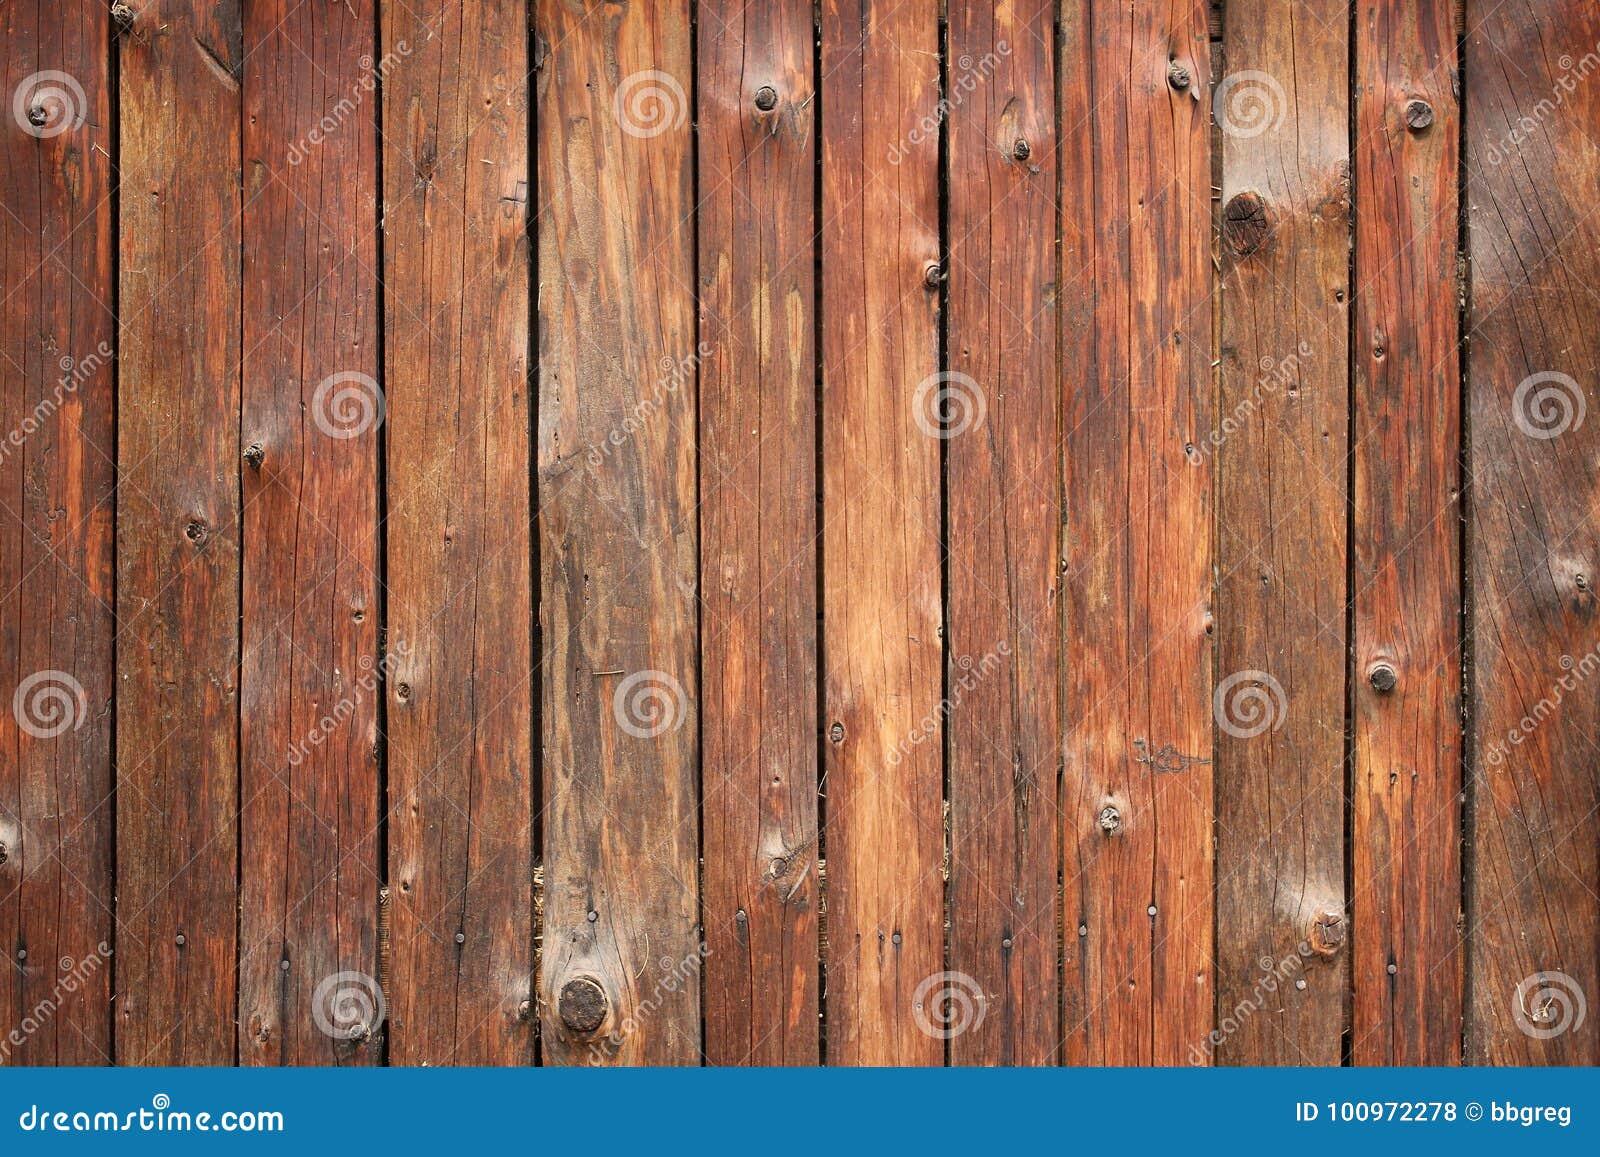 Panneaux lamelles bois séparation intérieure bureau ecosia